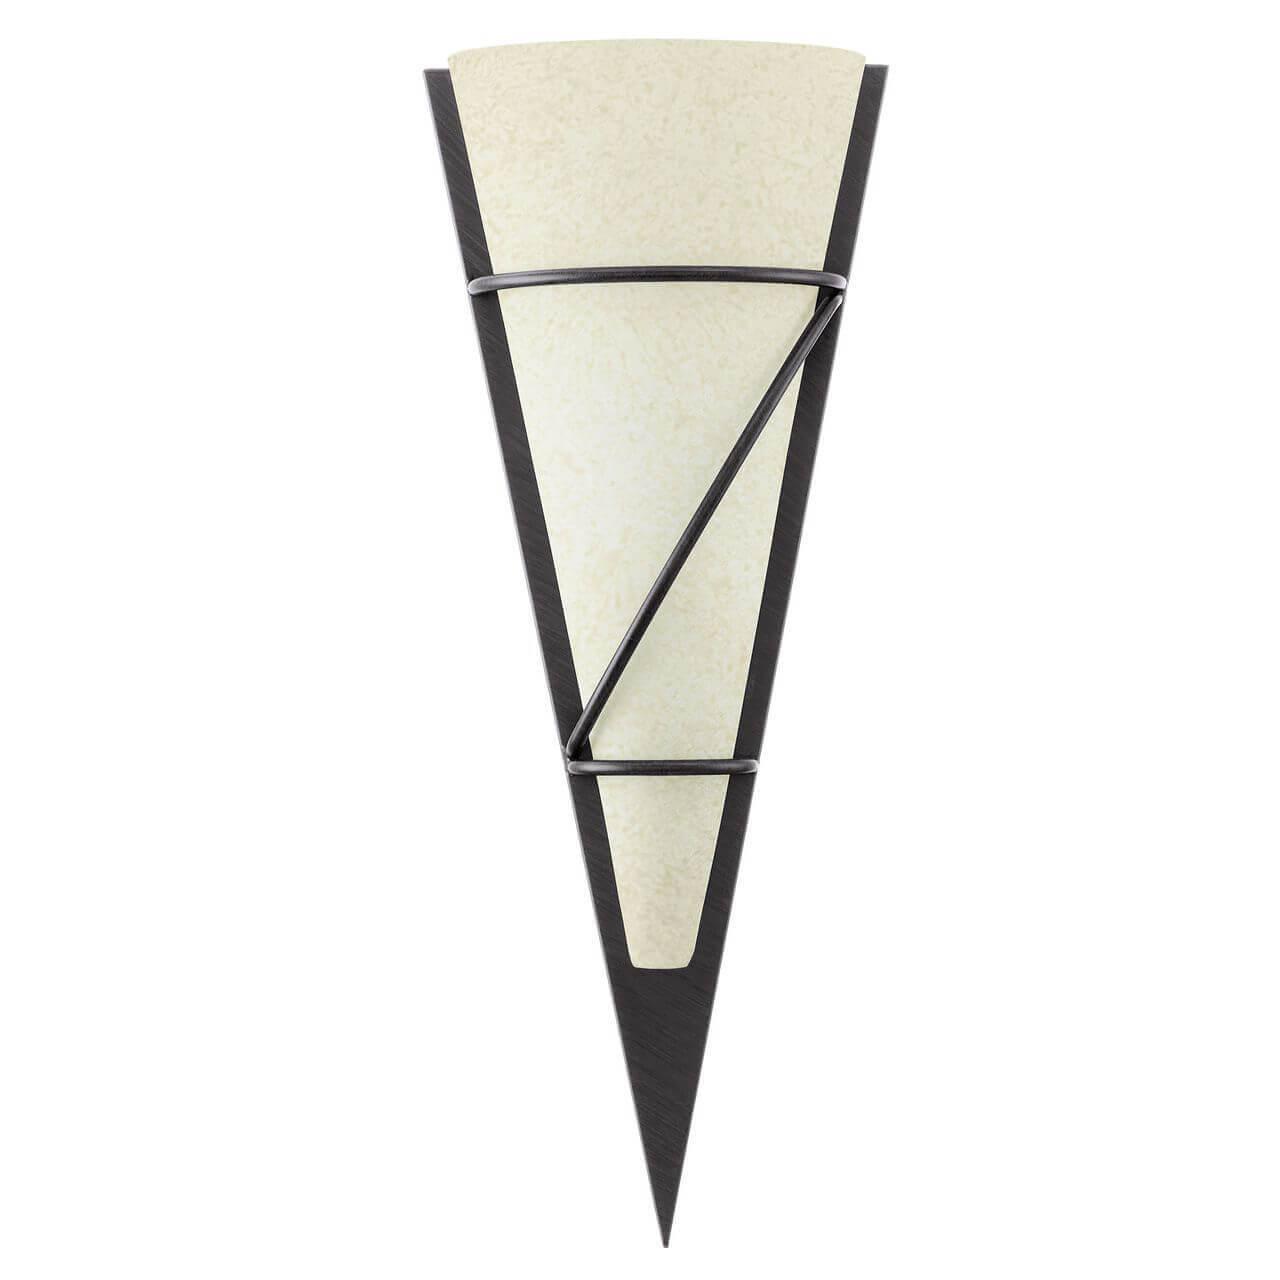 цены на Настенный светильник Eglo 87793, E14, 60 Вт  в интернет-магазинах